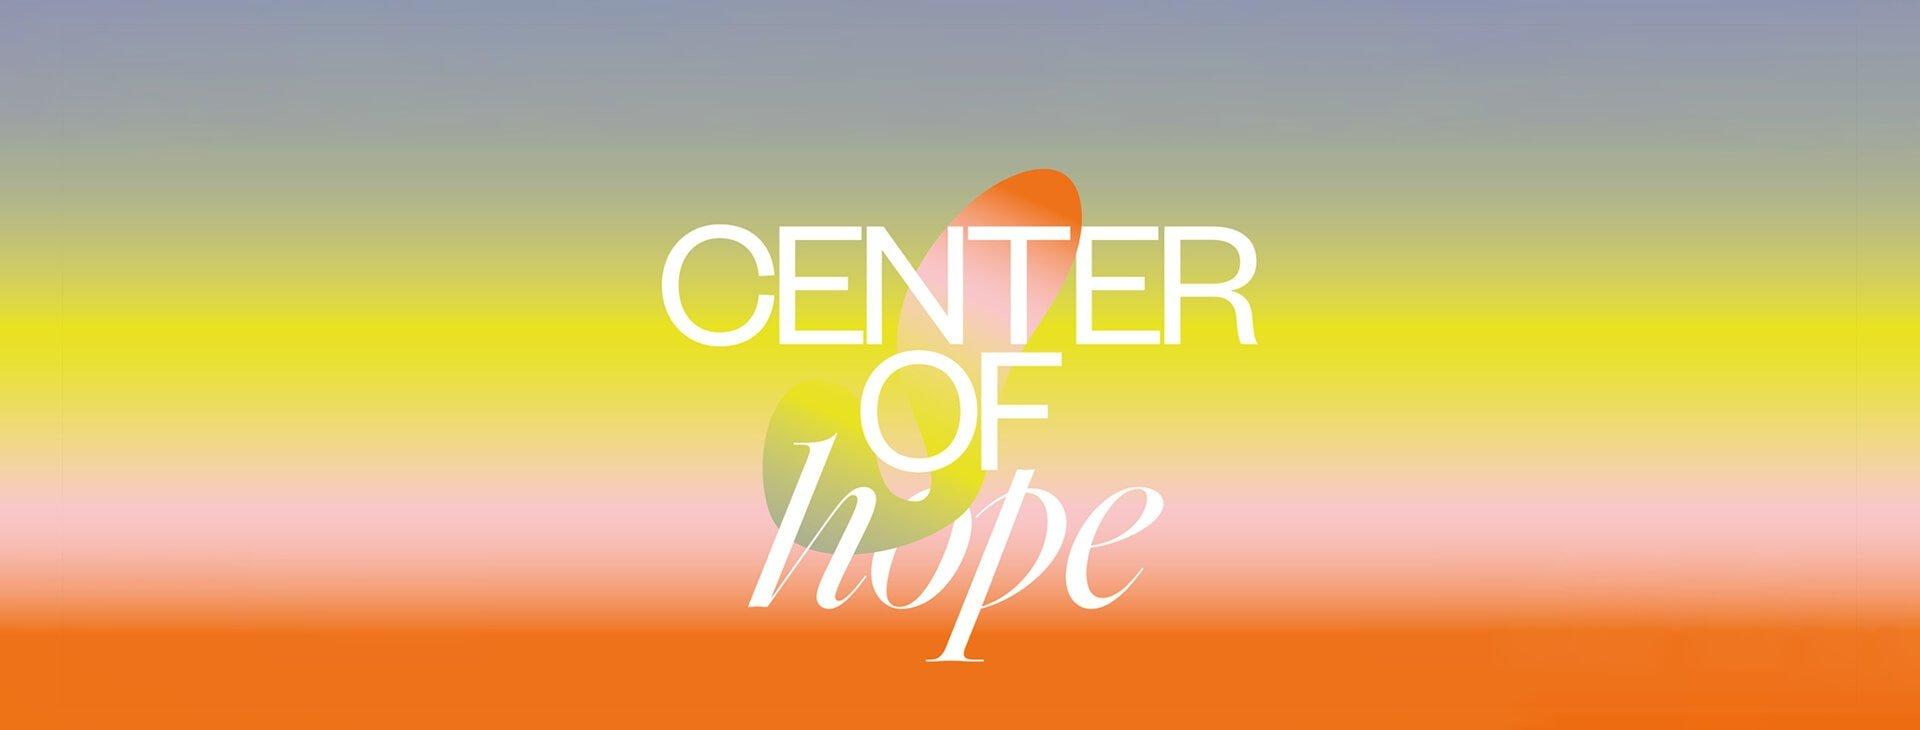 stilwerk_weihnachten_2019_shelter_of_love_center_of_hope_stage_02